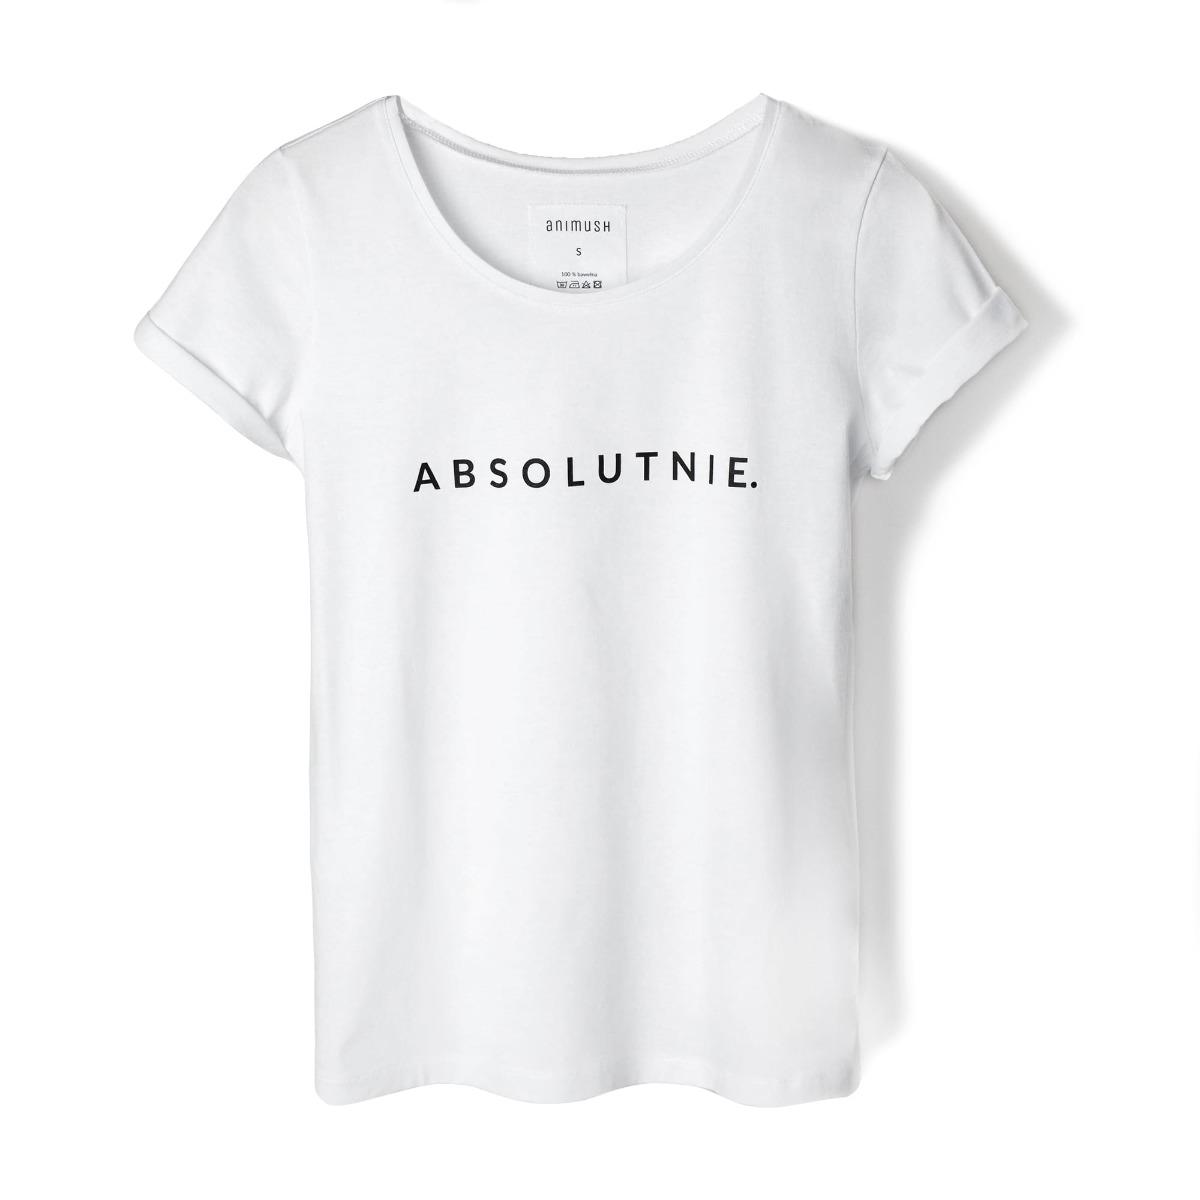 T-shirt biały ABSOLUTNIE.